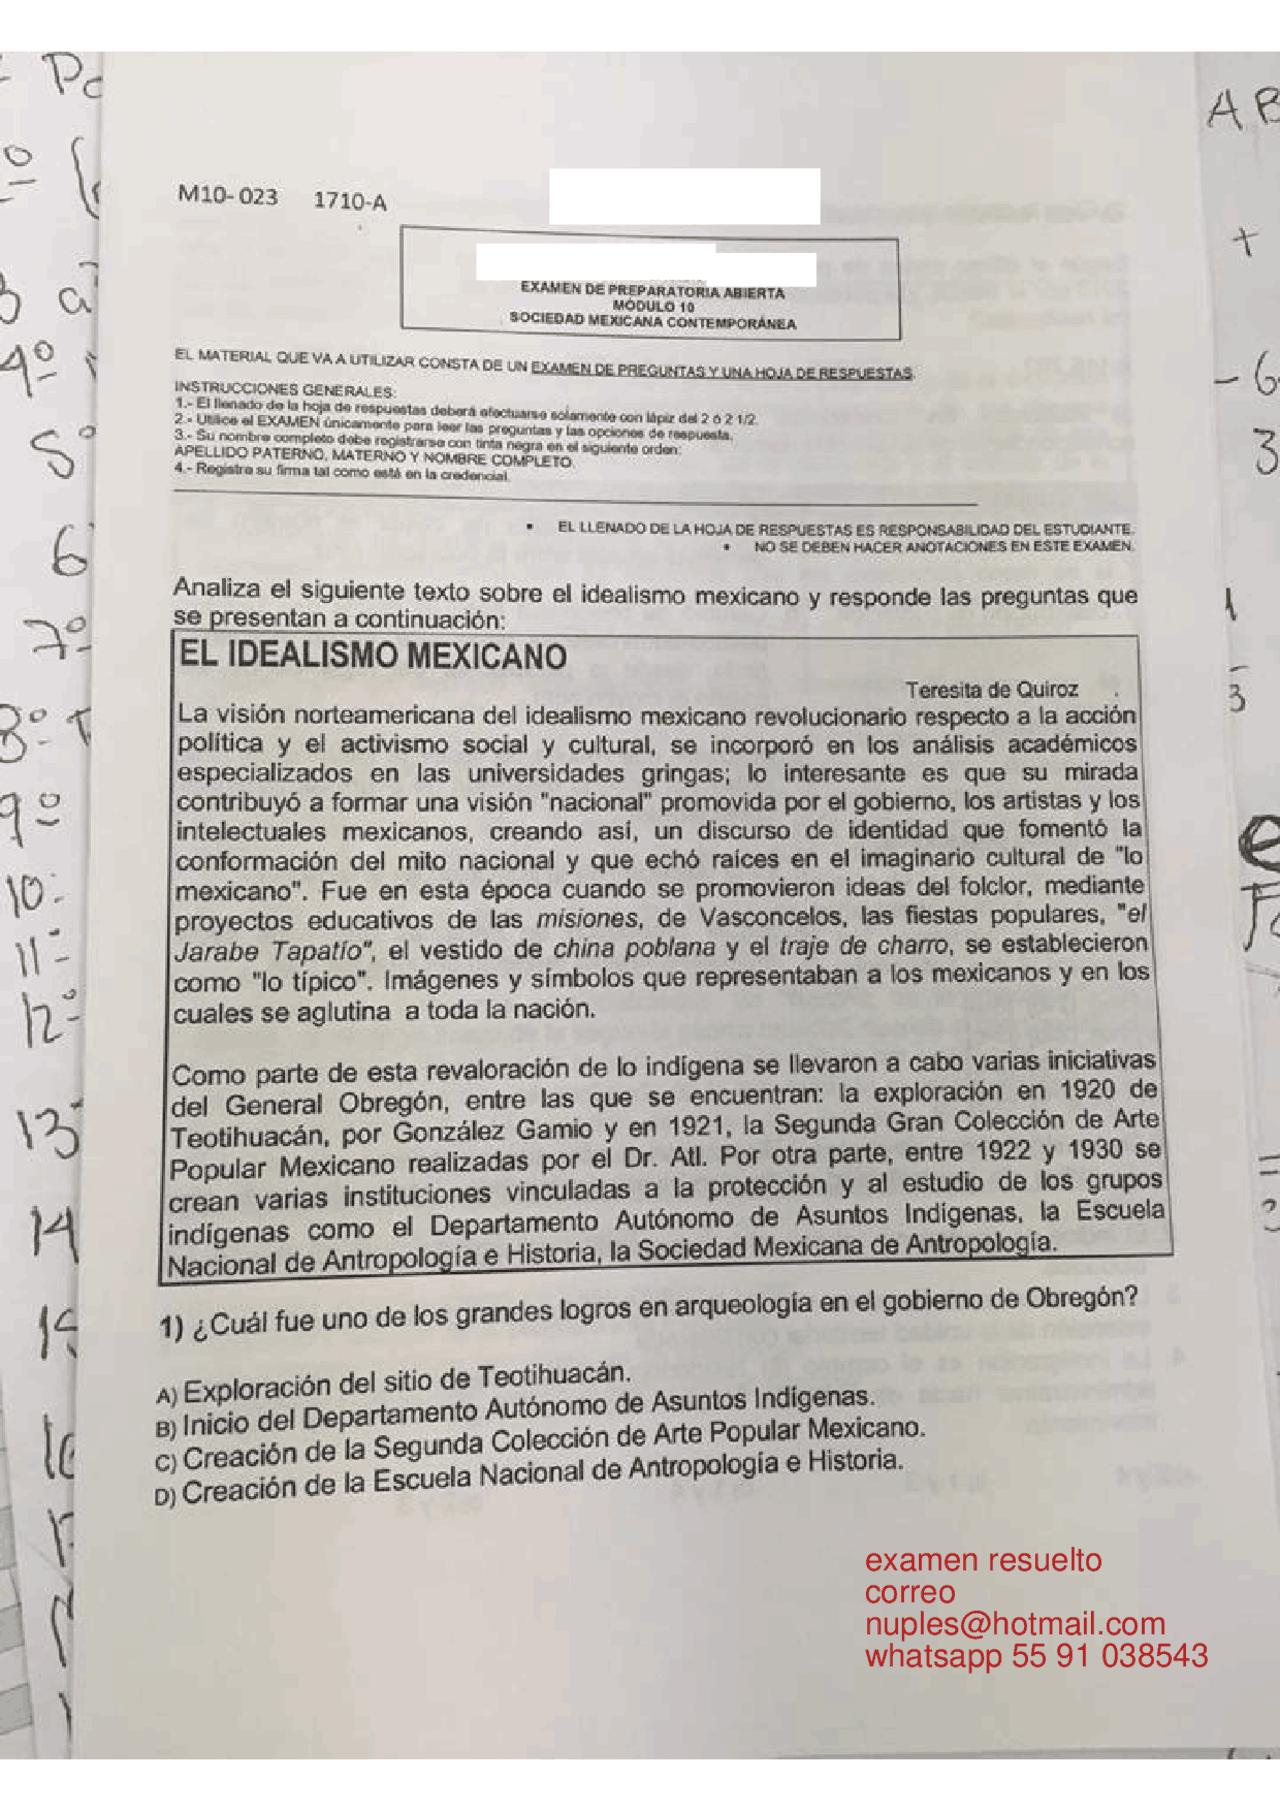 Sociedad Mexicana Contemporanea 10 Docsity